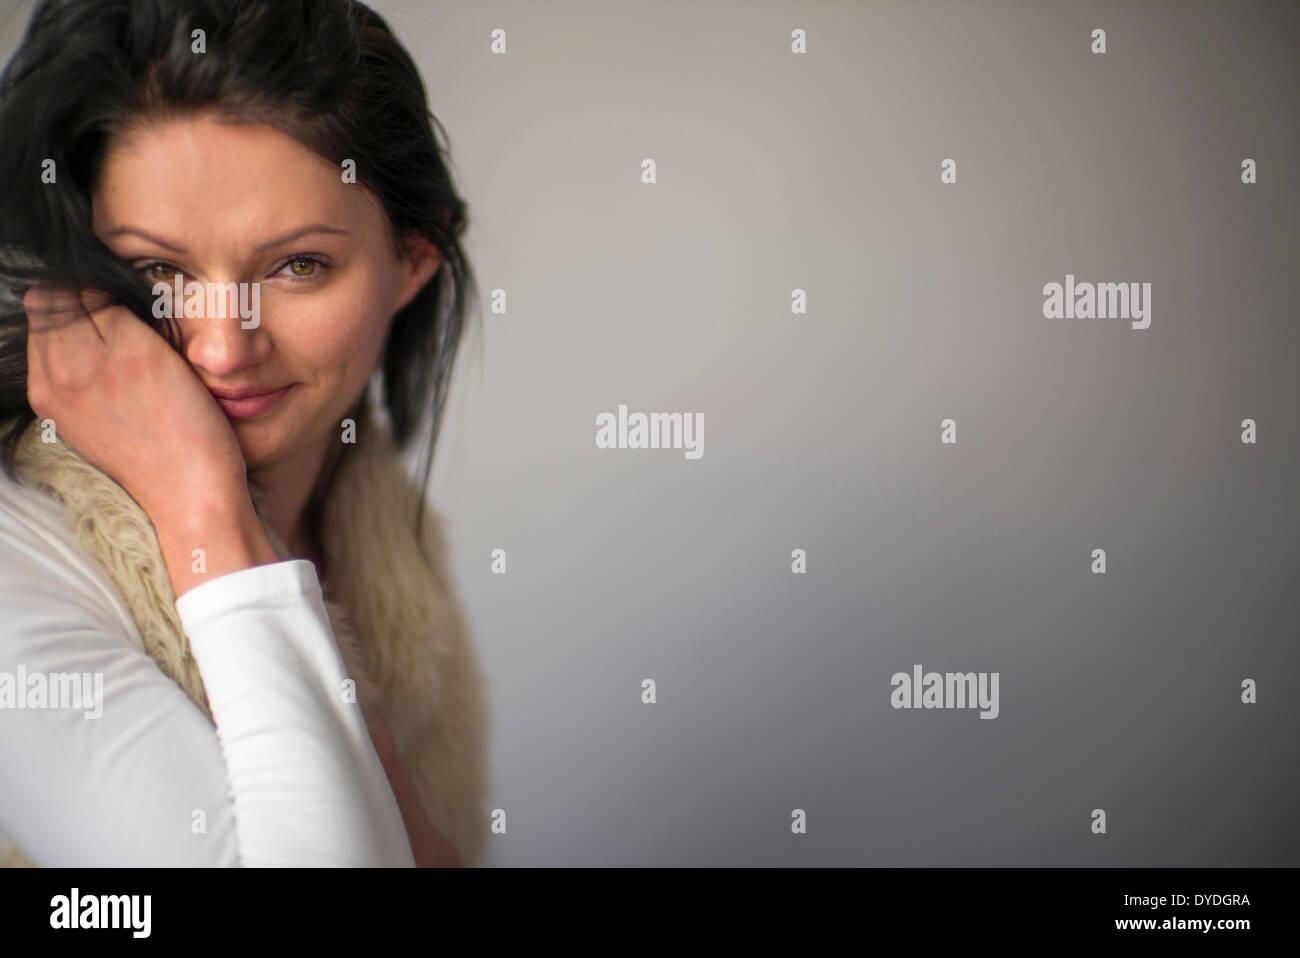 Bella donna con gli occhi di nocciola in studio. Immagini Stock